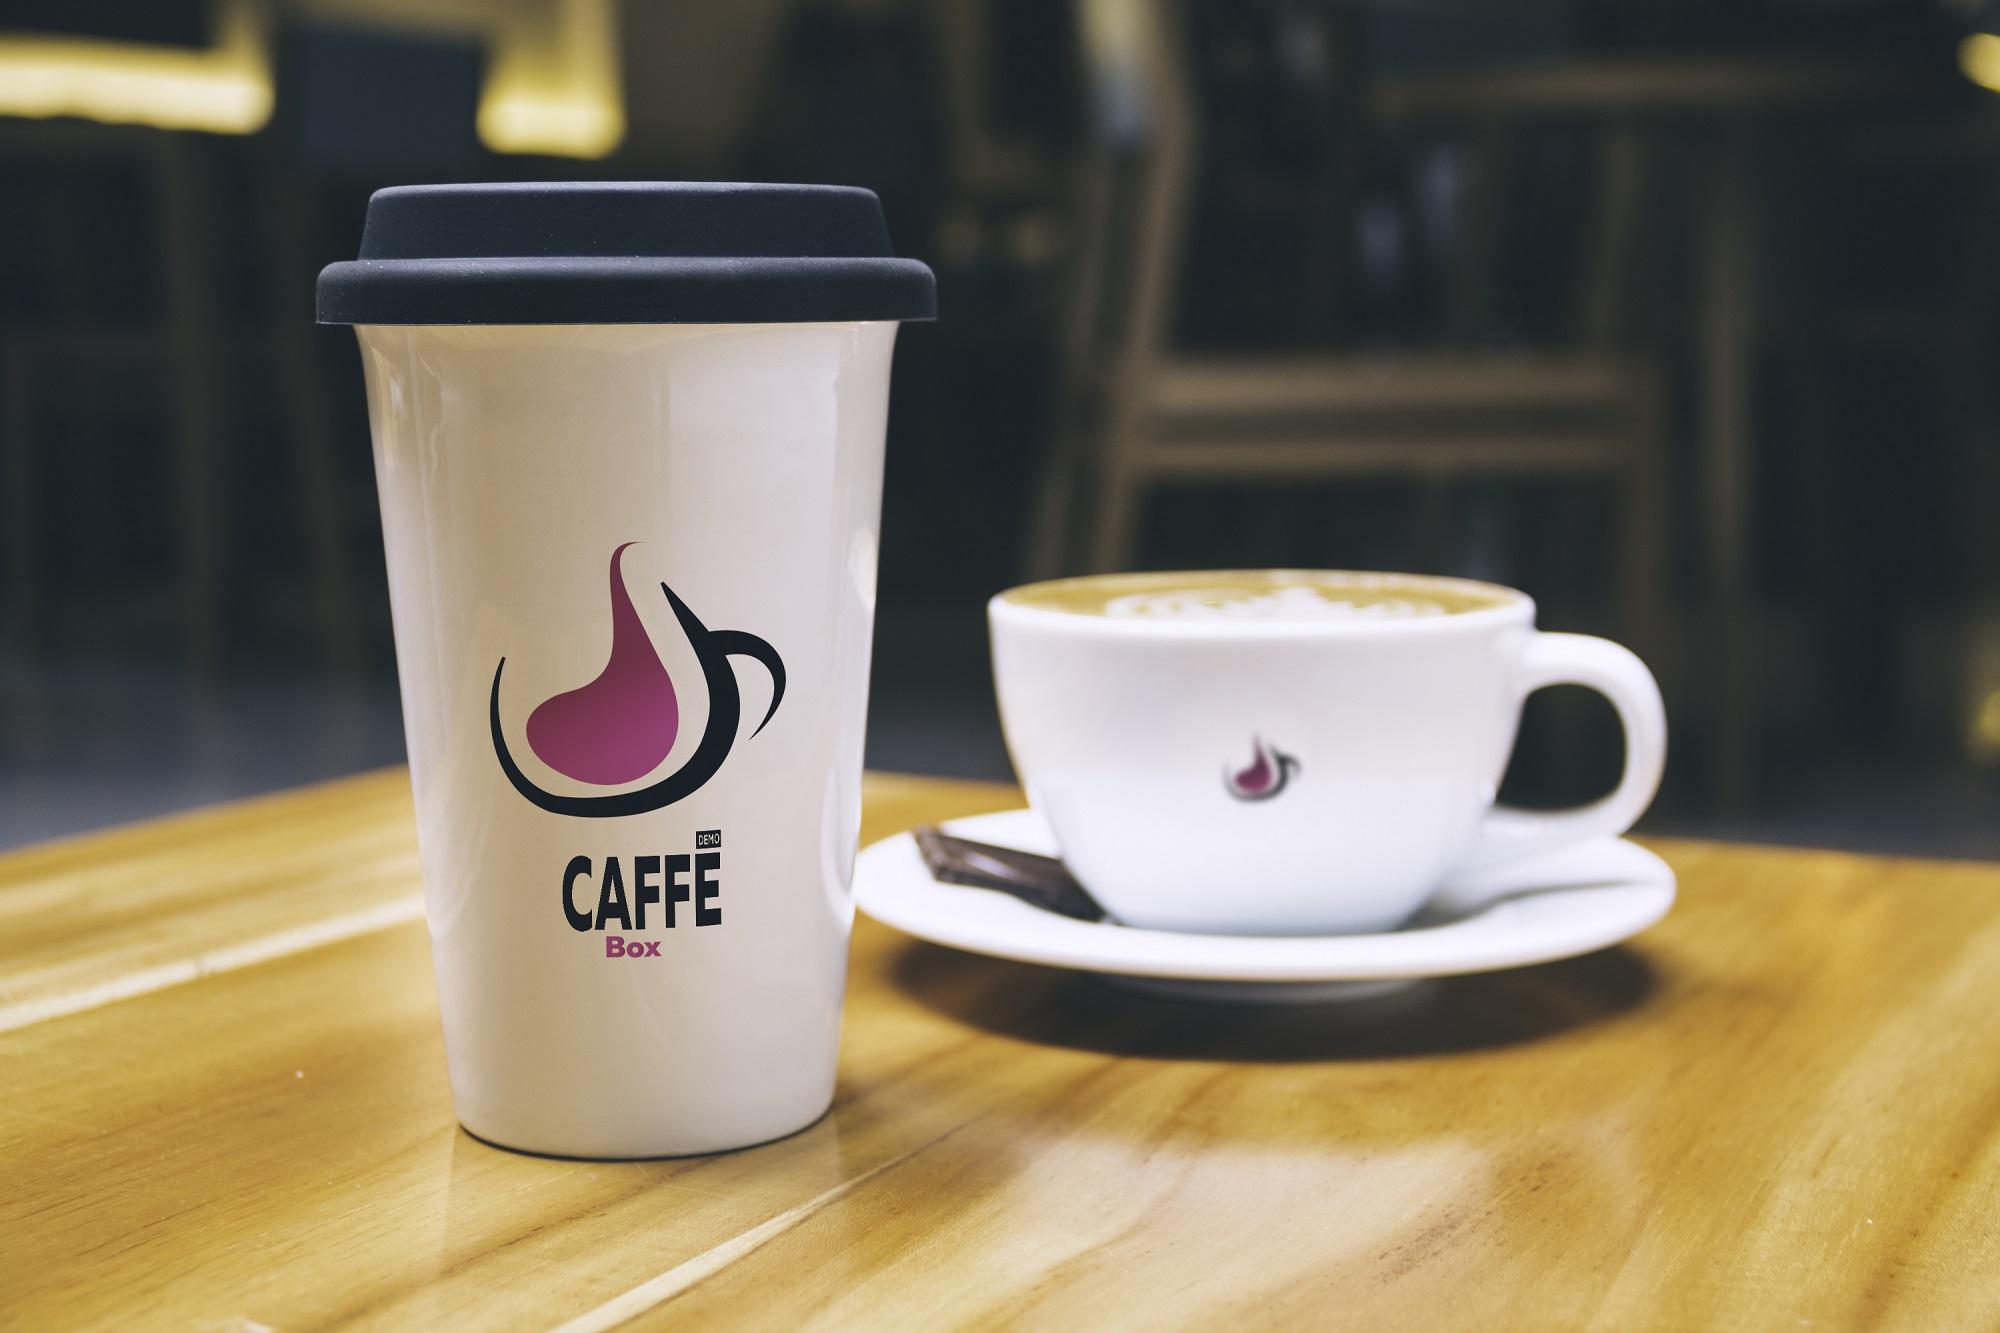 Требуется очень срочно разработать логотип кофейни! фото f_1495a0cee3b3905f.jpg